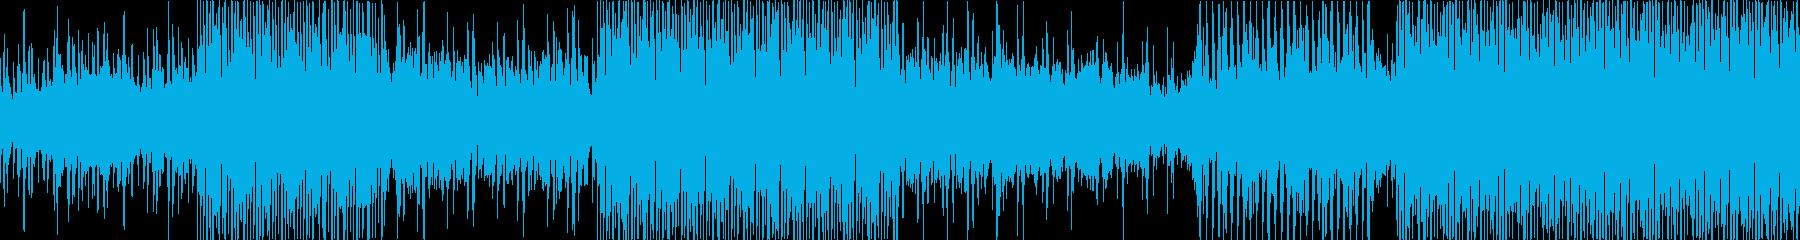 [少しふわふわしたクラブミュージック]の再生済みの波形